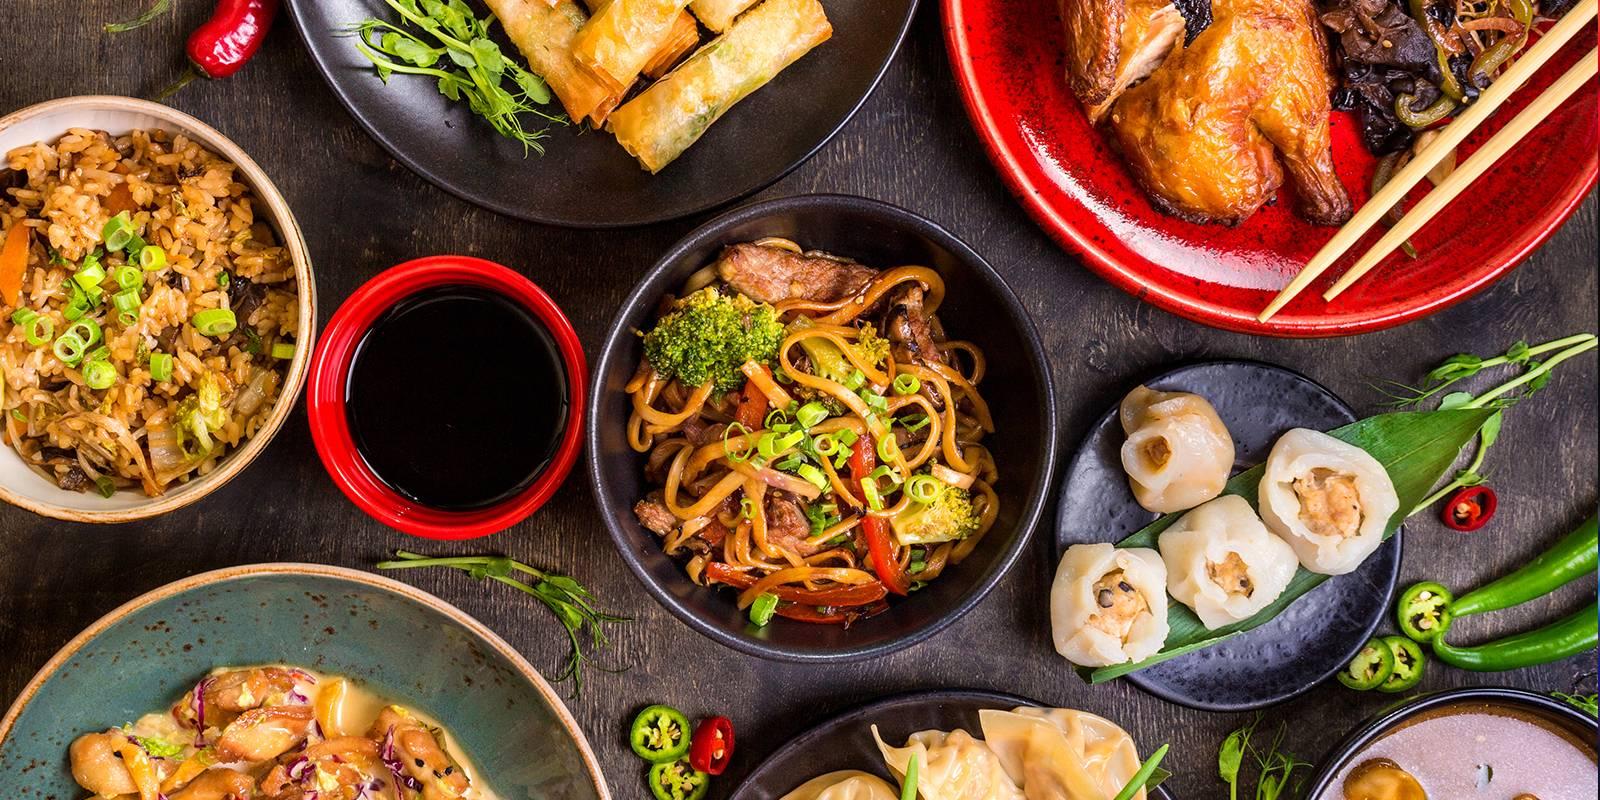 comida asiática, turismo